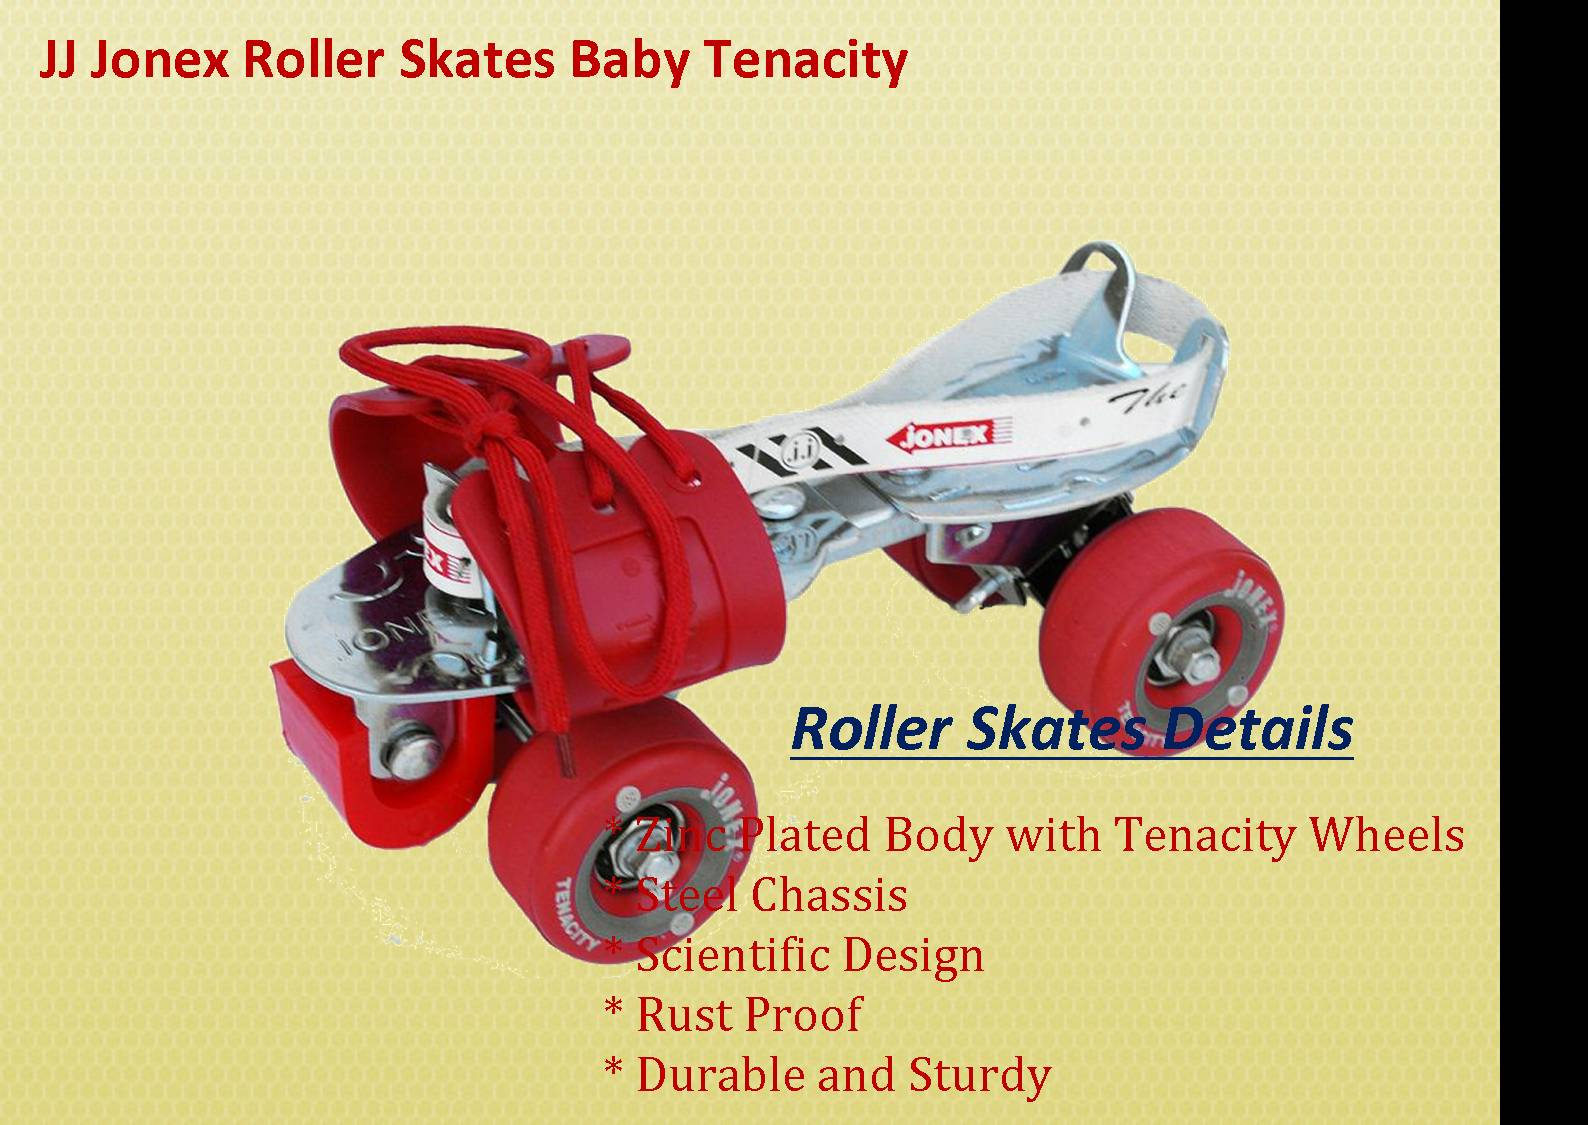 Roller Skates JJ JONEX BABY Tenacilty